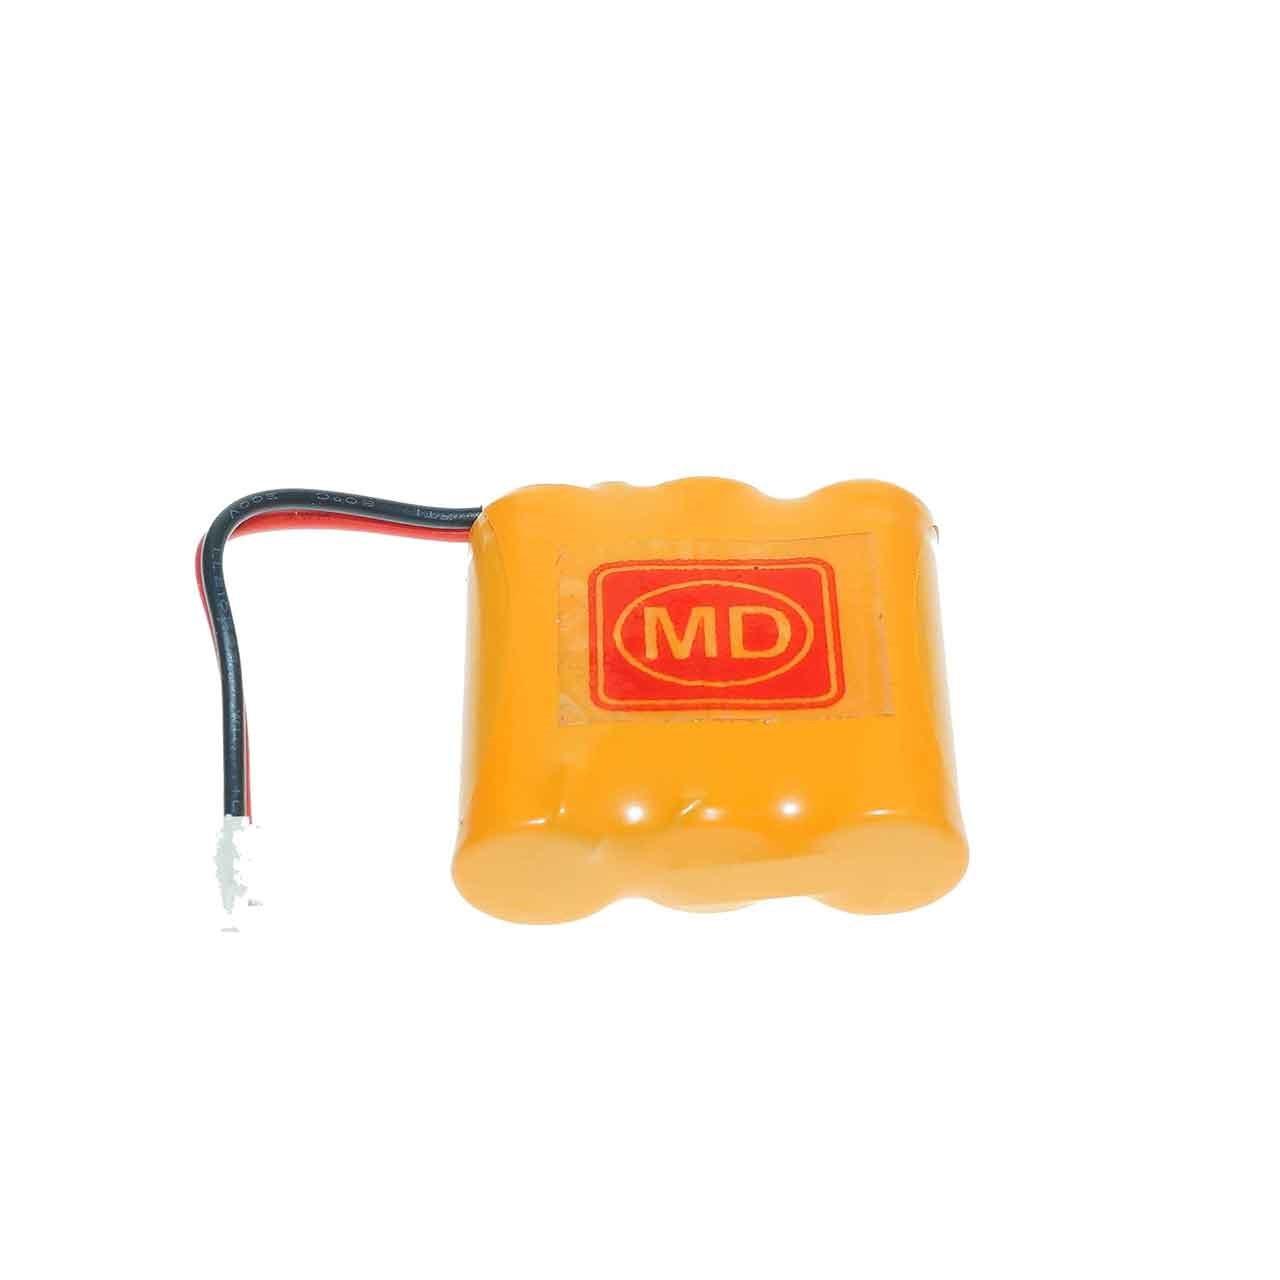 باتری تلفن بی سیمMD مدلHHR-P404